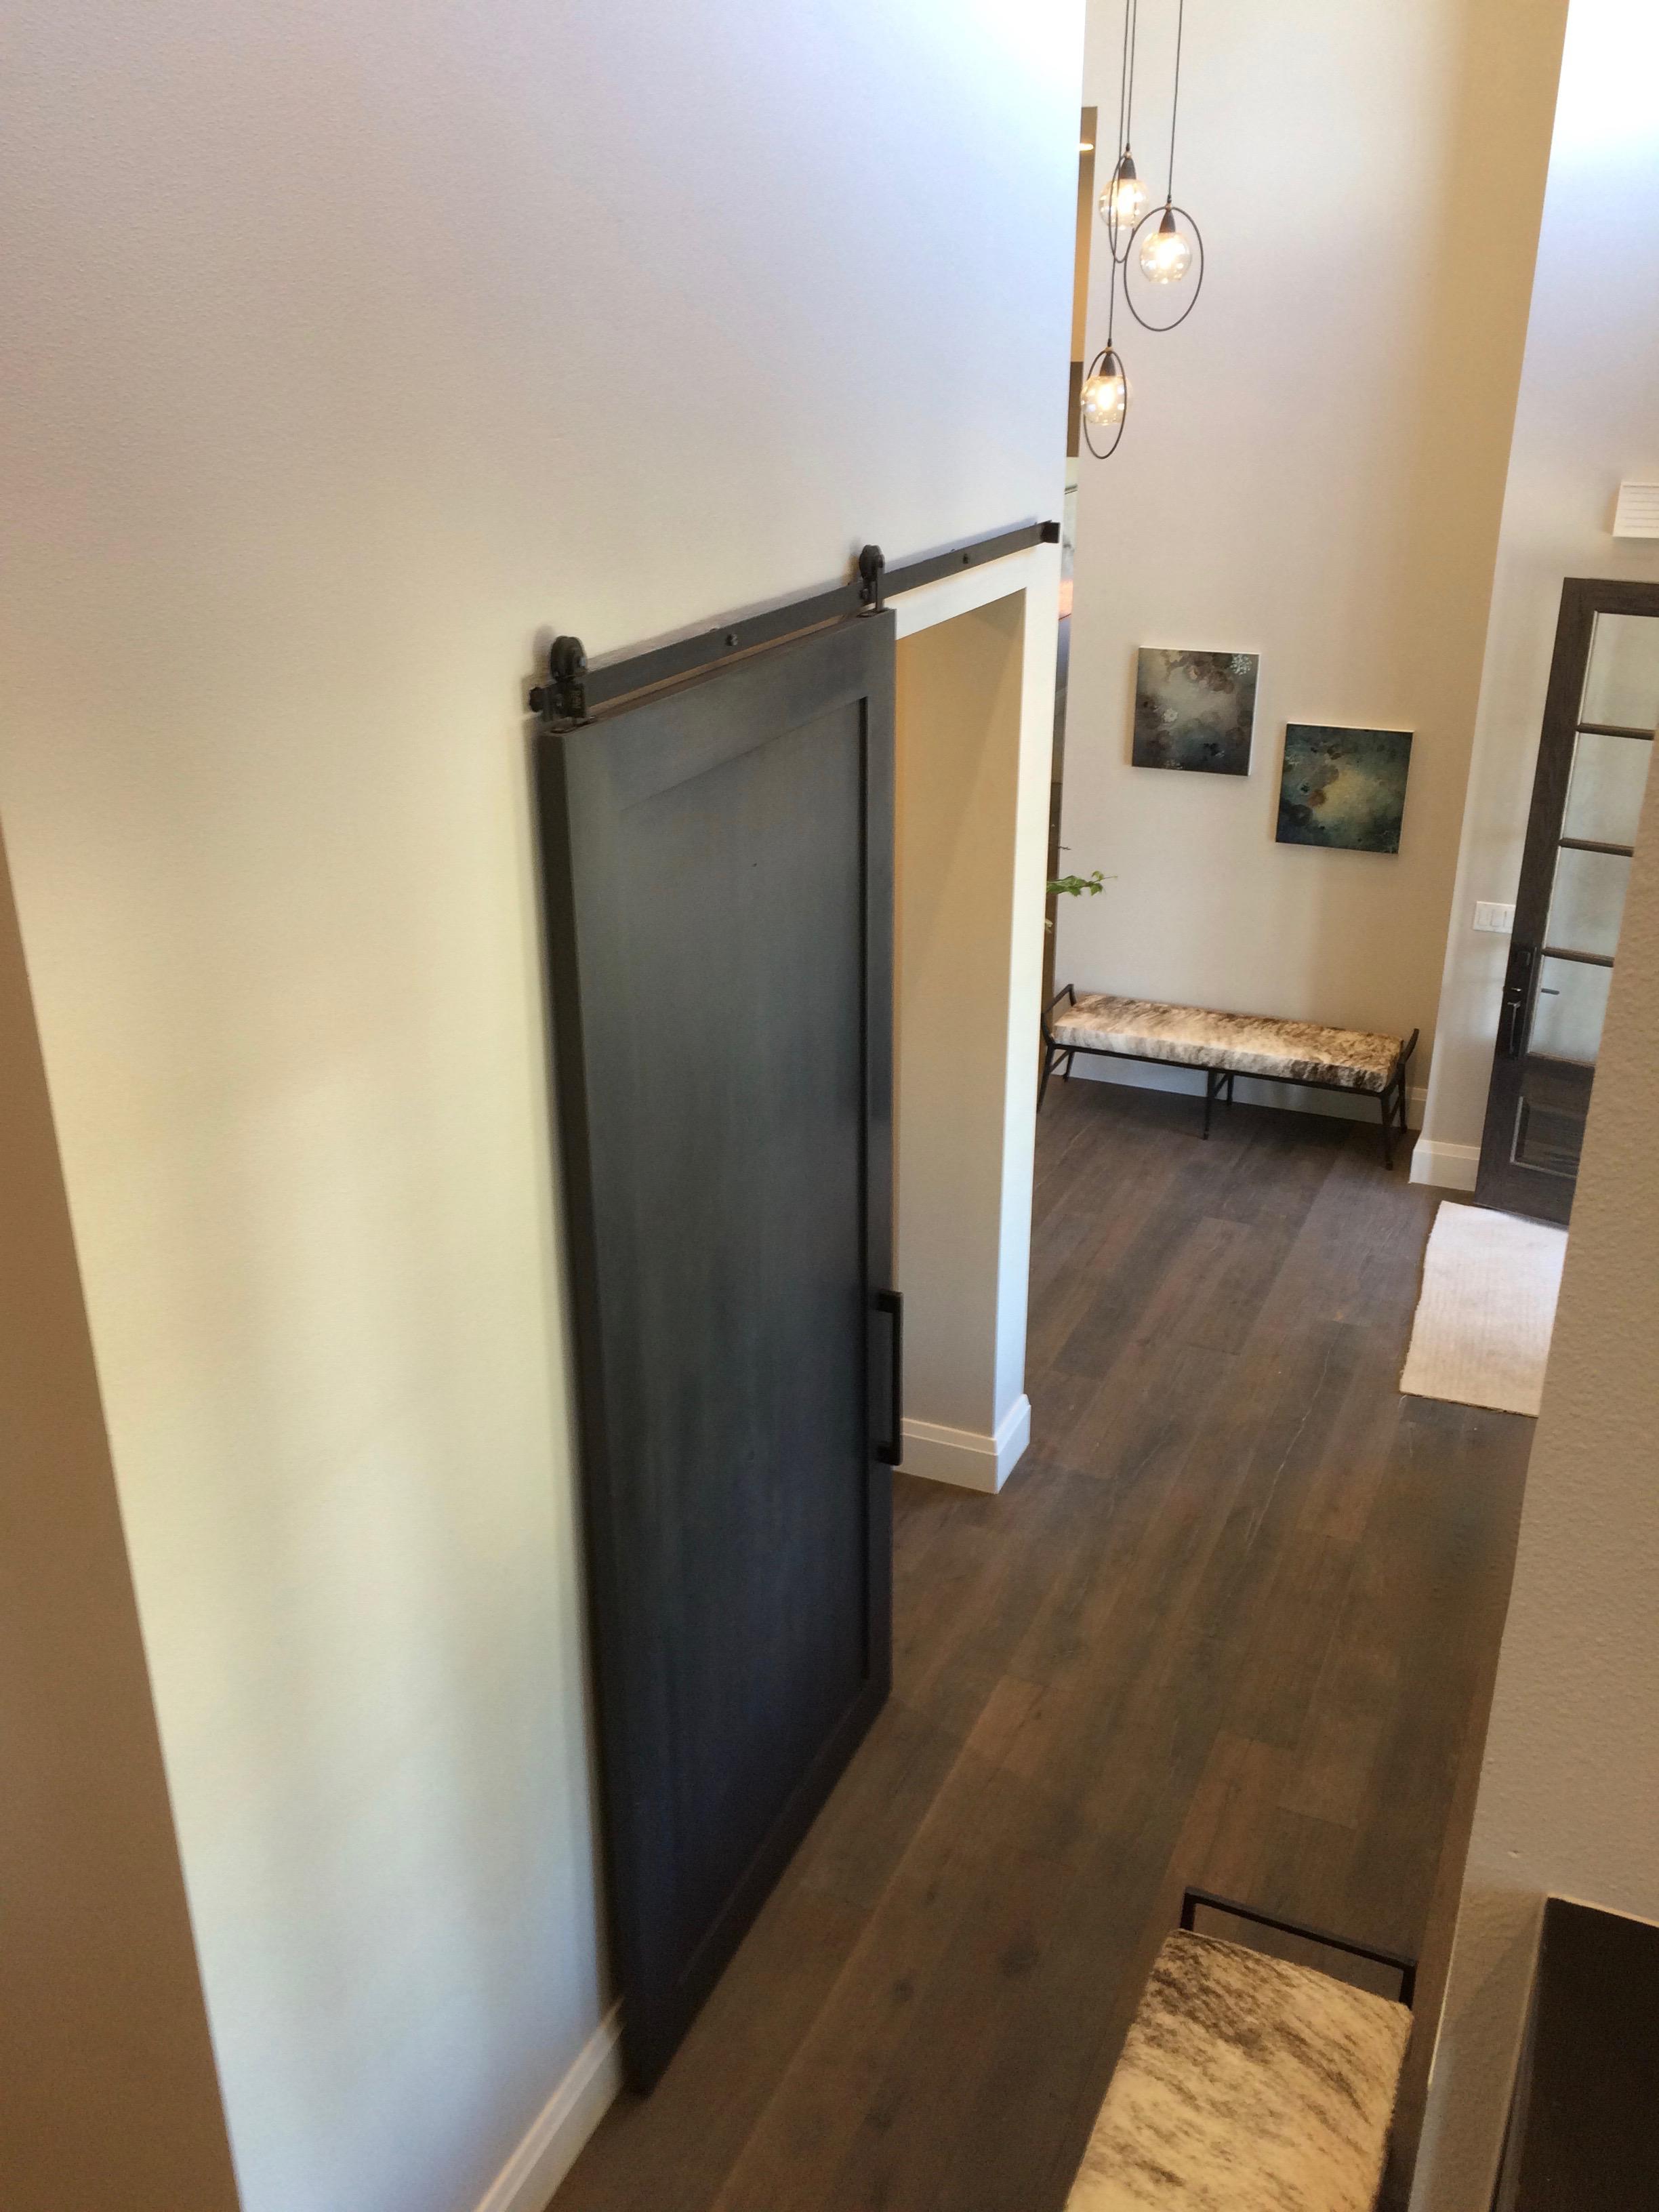 Sliding Door #2 (view from bonus room)